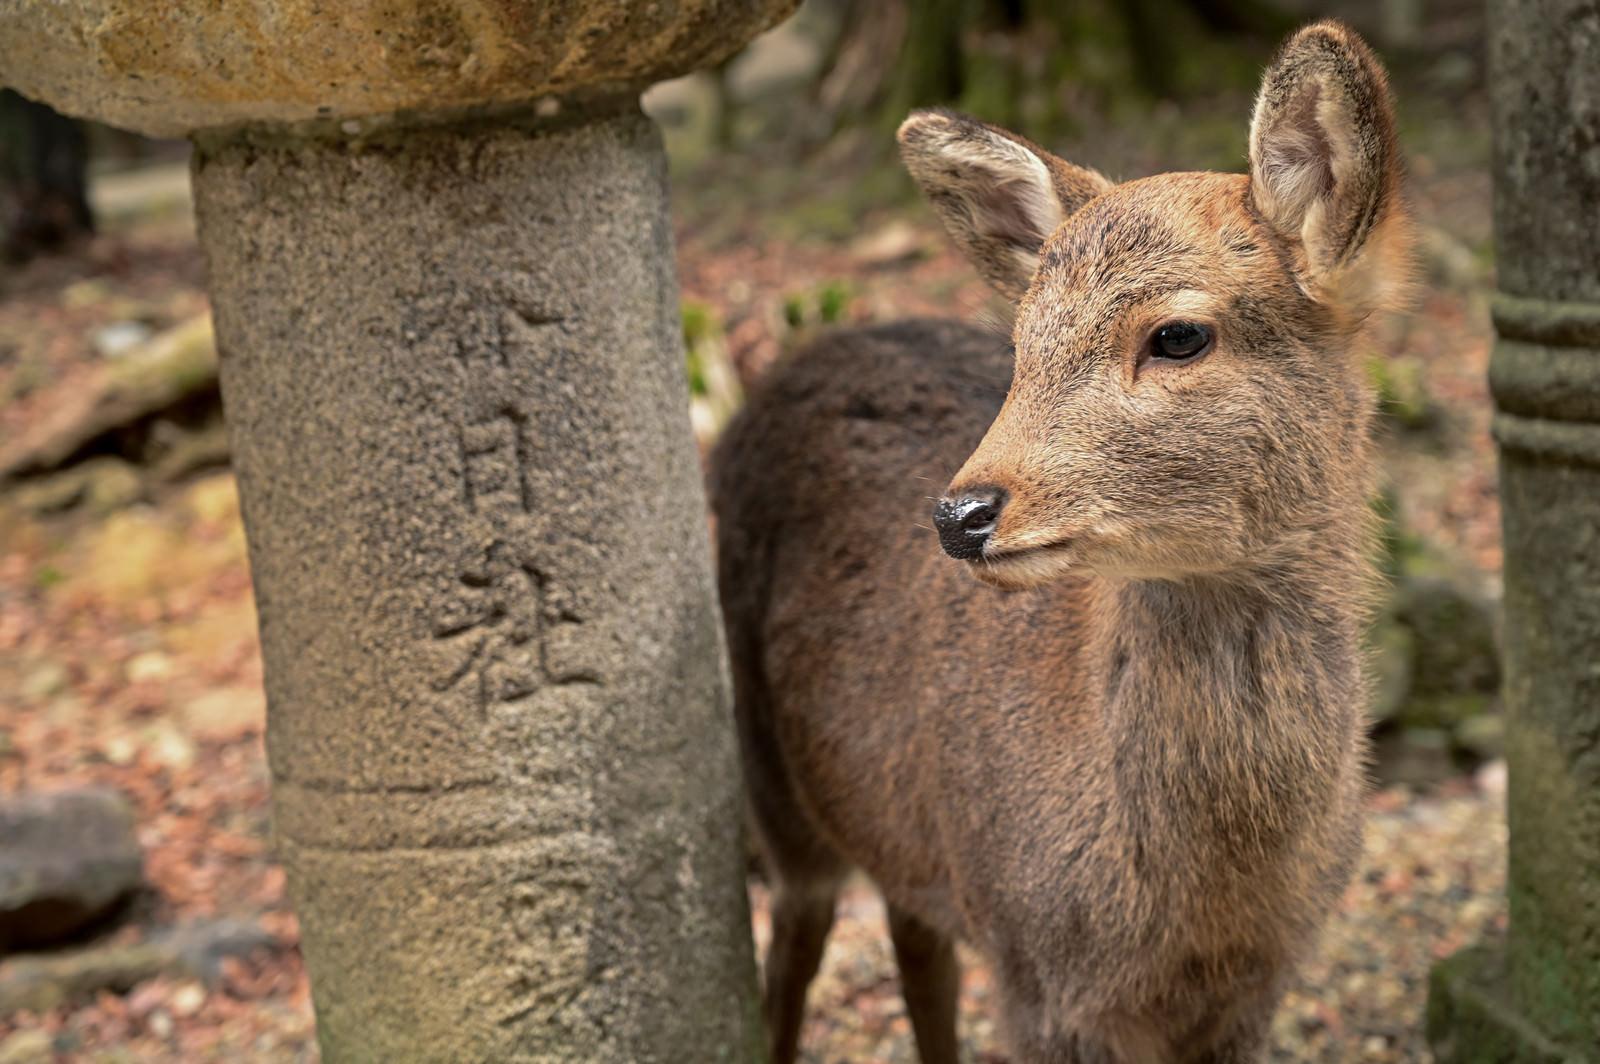 「奈良の春日大社石灯籠とシカ」の写真